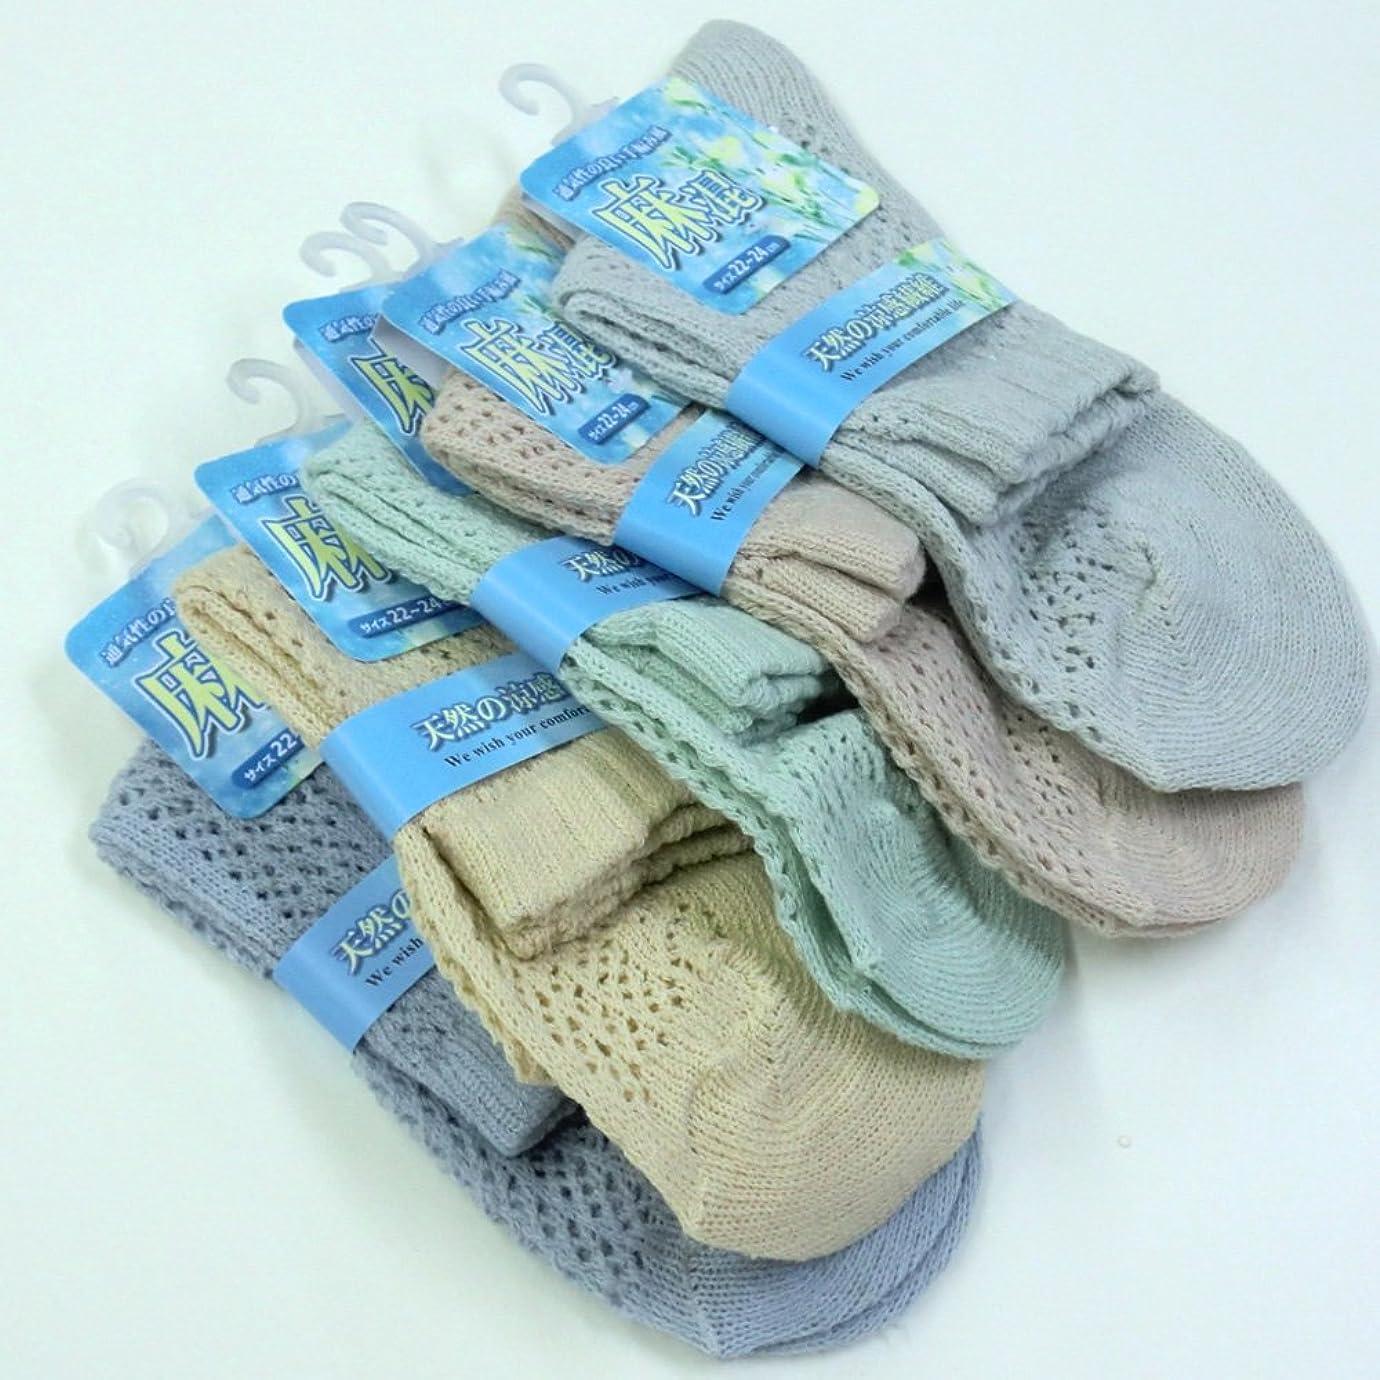 ポルティコ蒸発夕方靴下 レディース 麻混 涼しいルミーソックス おしゃれ手編み風 5色5足組